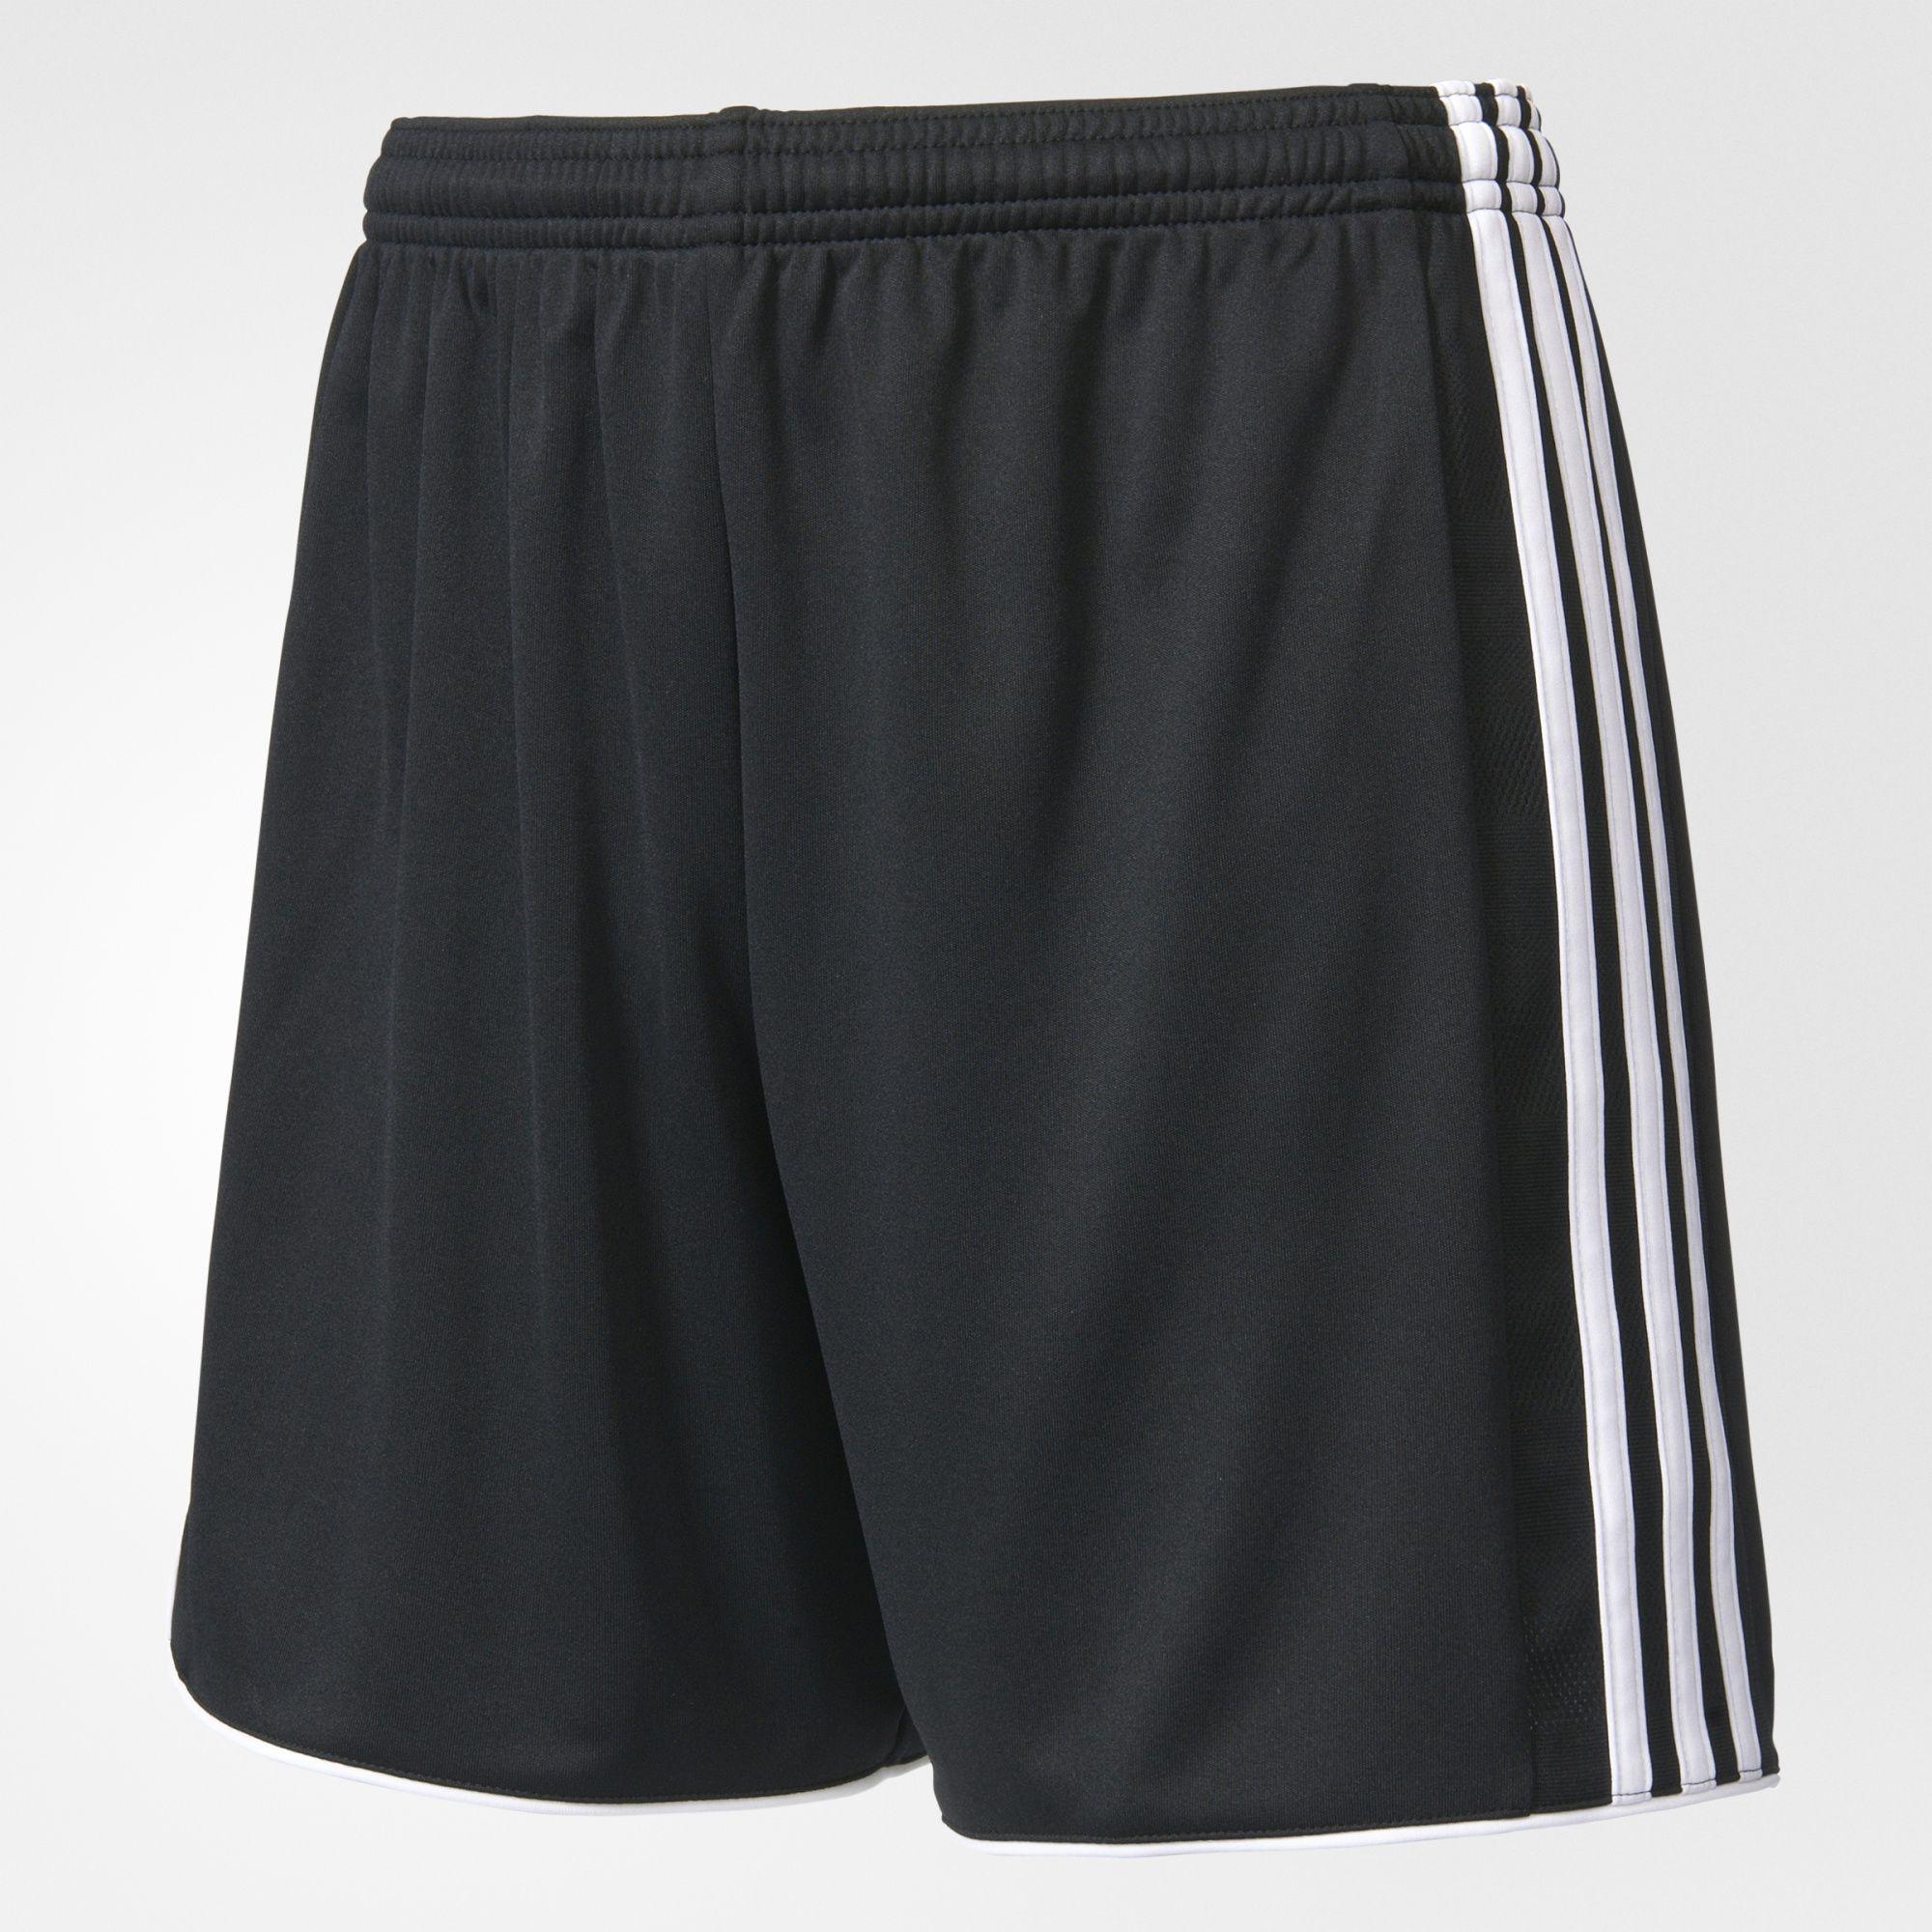 adidas Tastigo 17 Shorts - Black